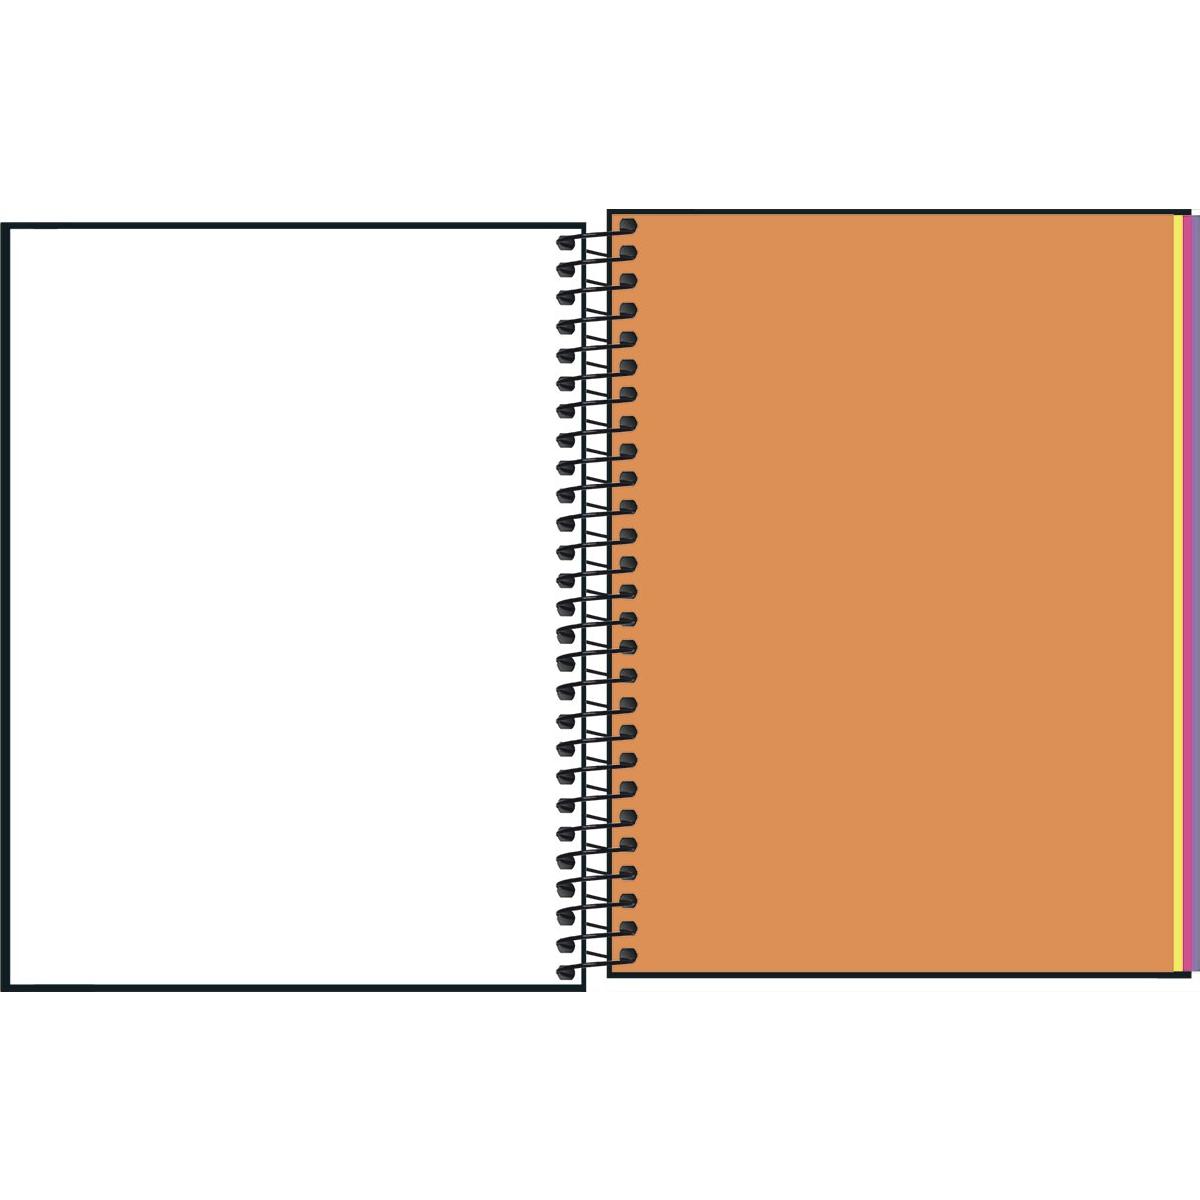 Caderno Espiral Capa Dura Colegial 80 Folhas Sem Pautas e Coloridas Neon Kori Tilibra